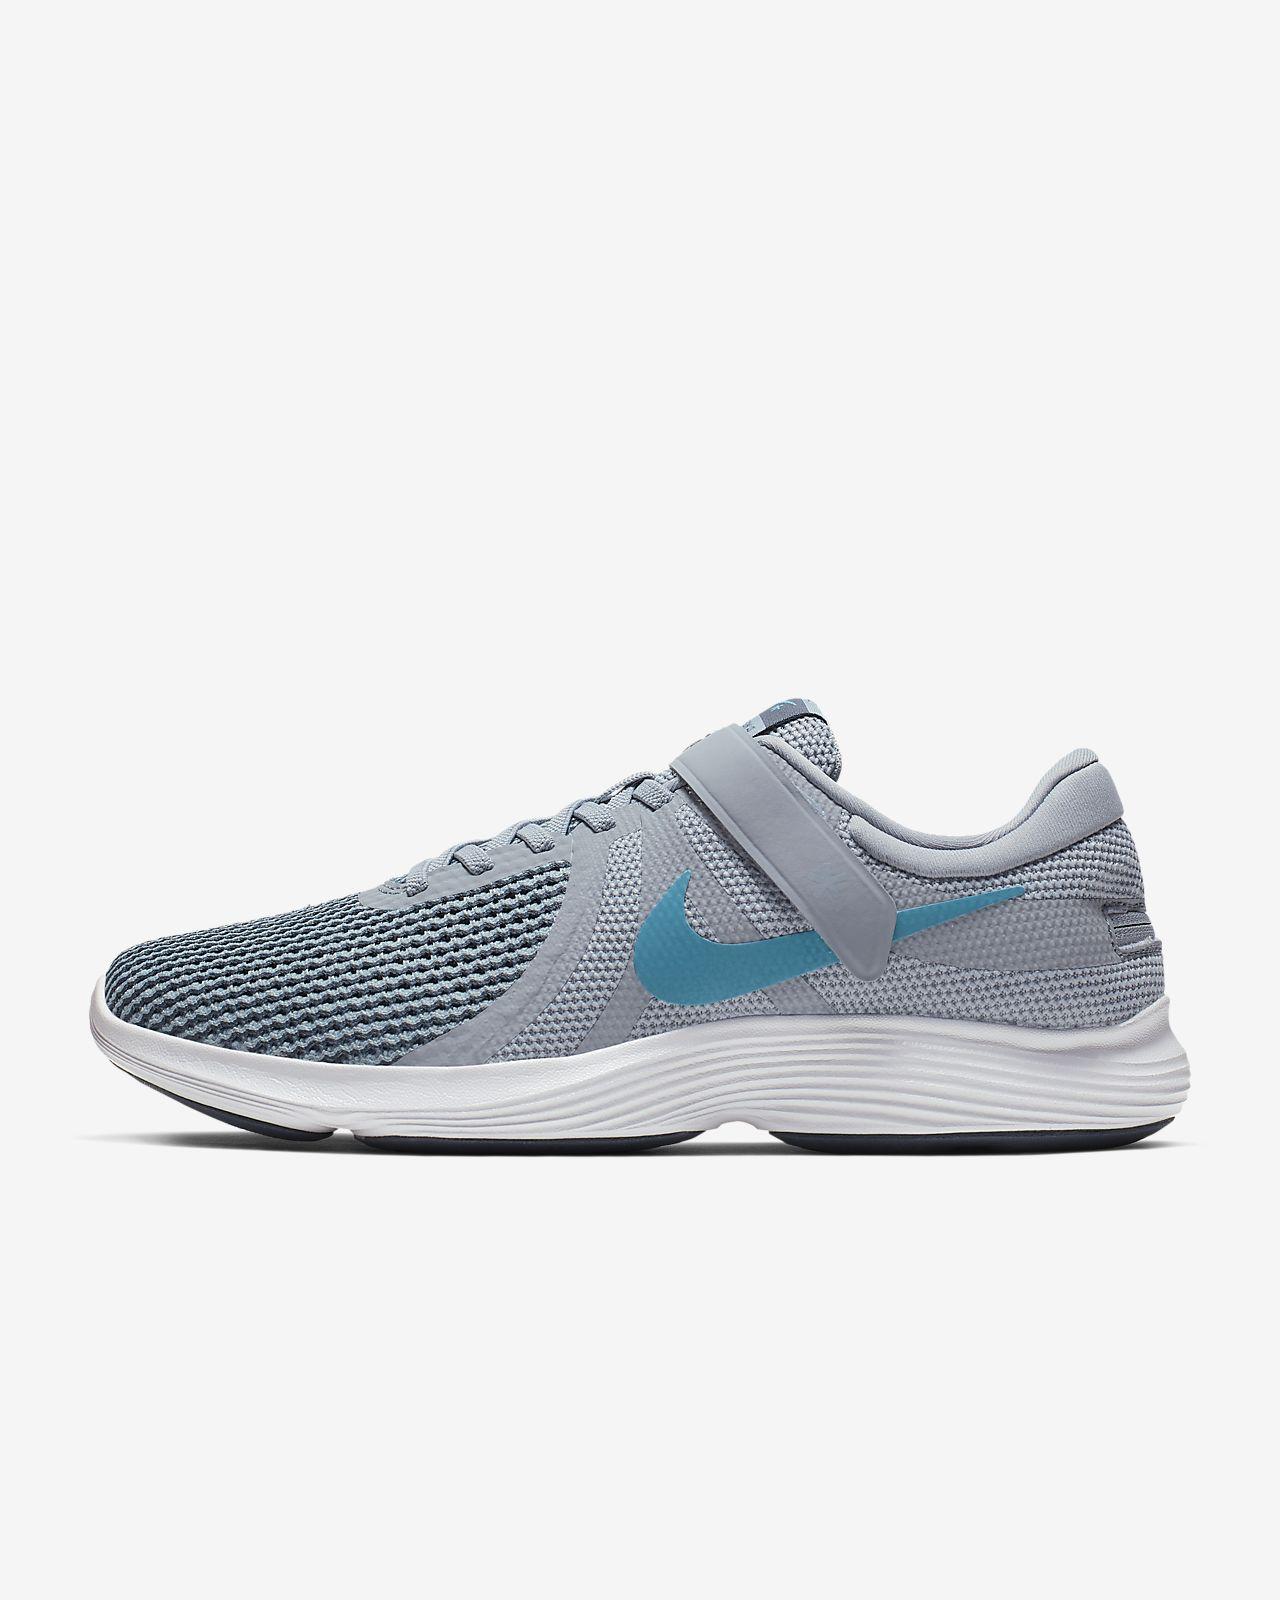 19e1f1a05d0e3 Sapatilhas de running Nike Revolution 4 FlyEase para homem. Nike.com PT